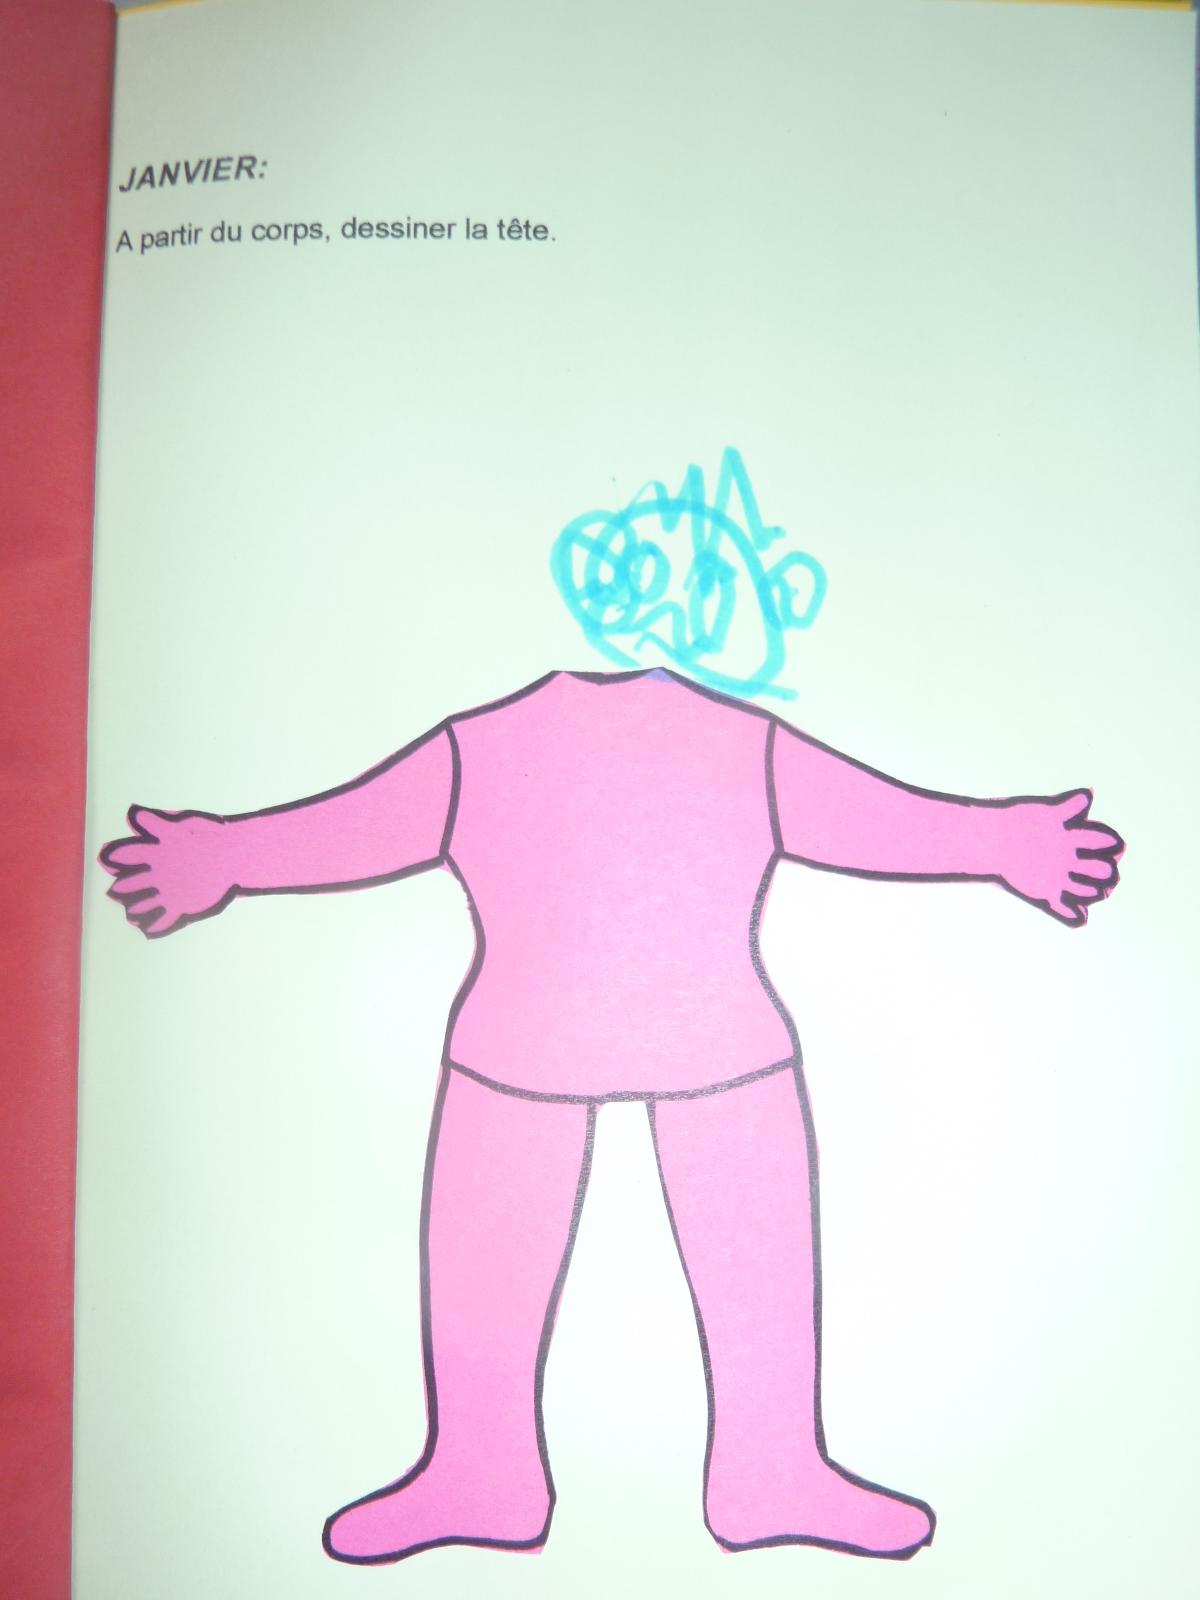 Dessine moi un bonhomme - Le dessin du bonhomme ...